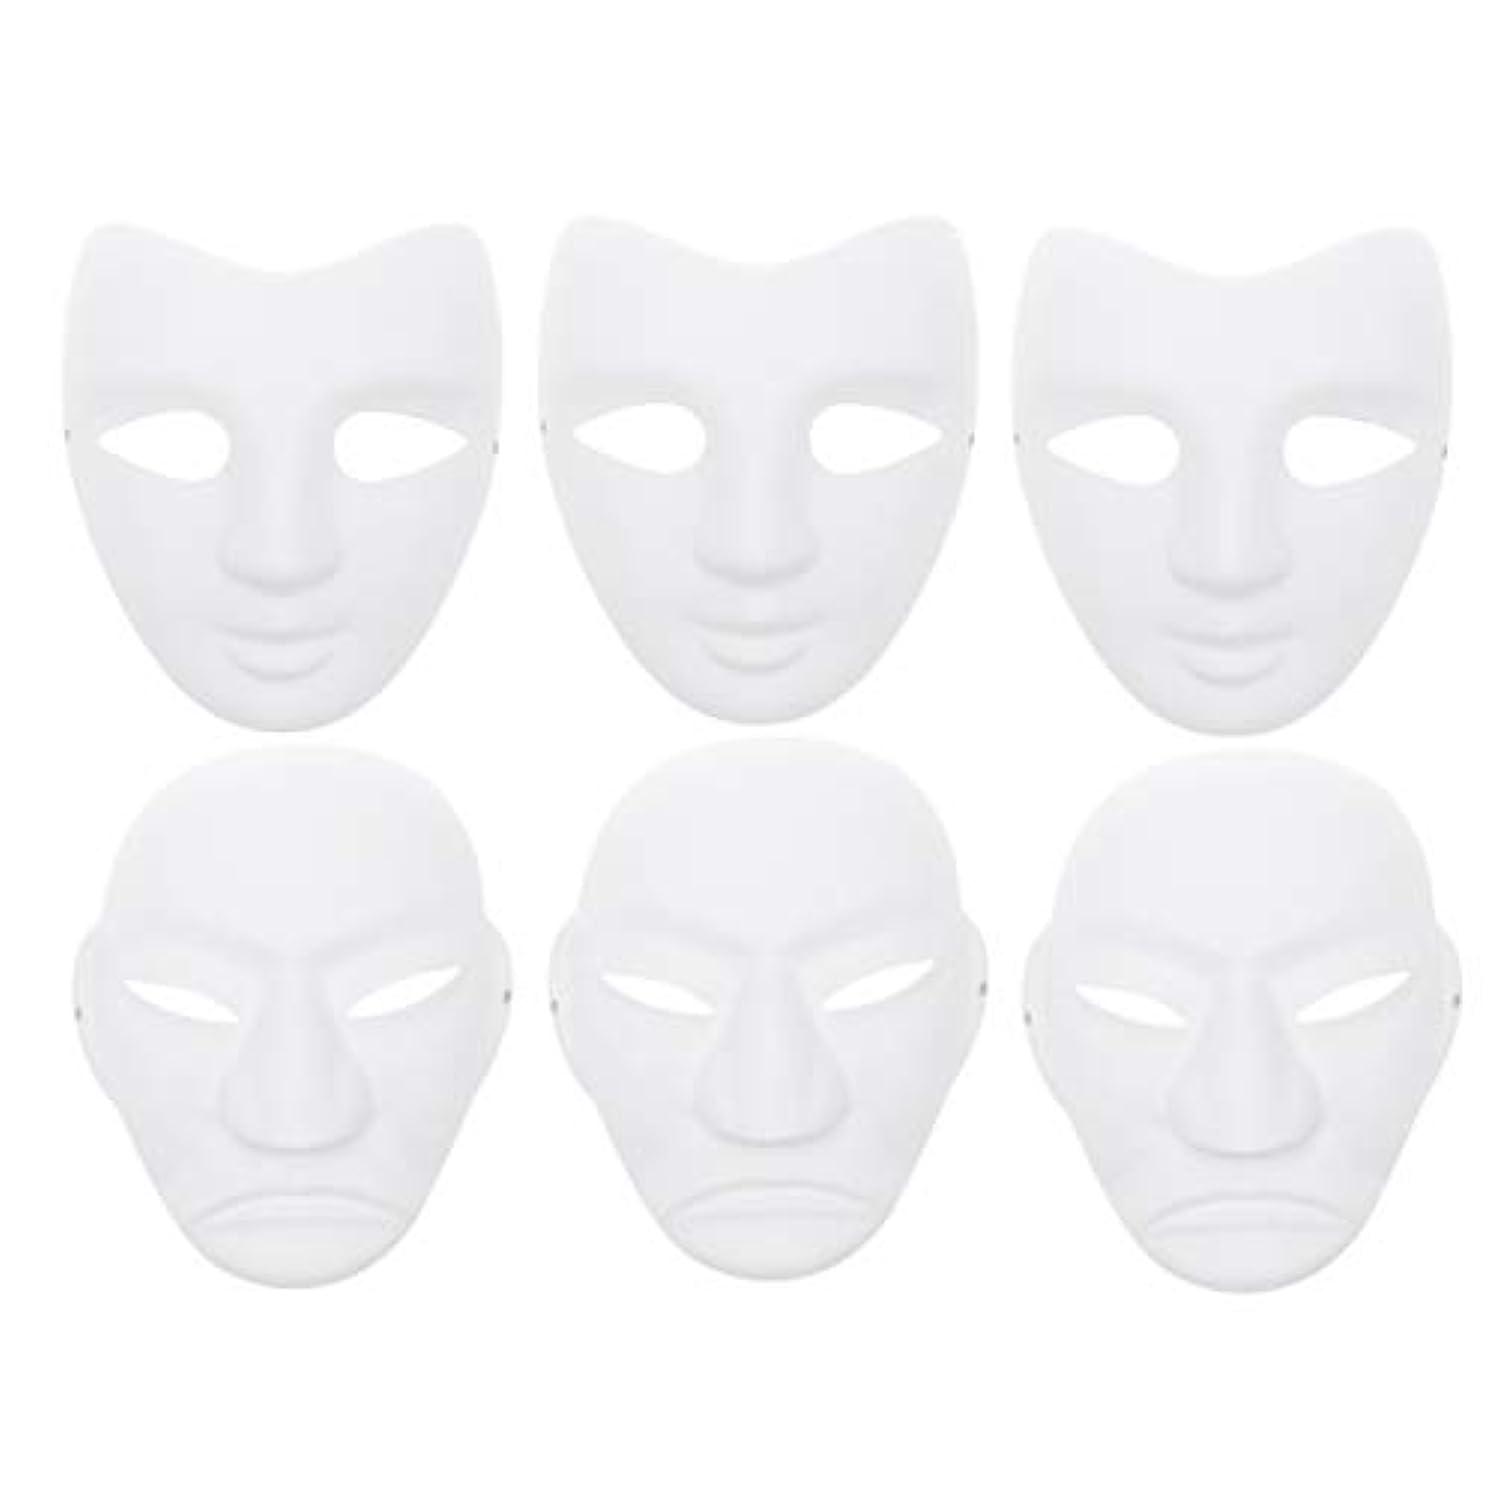 熟読する貢献ヘルパーBESTOYARD 大人のダンスの仮面舞踏会のための6個のパルプブランクマスククラフトキットDIY